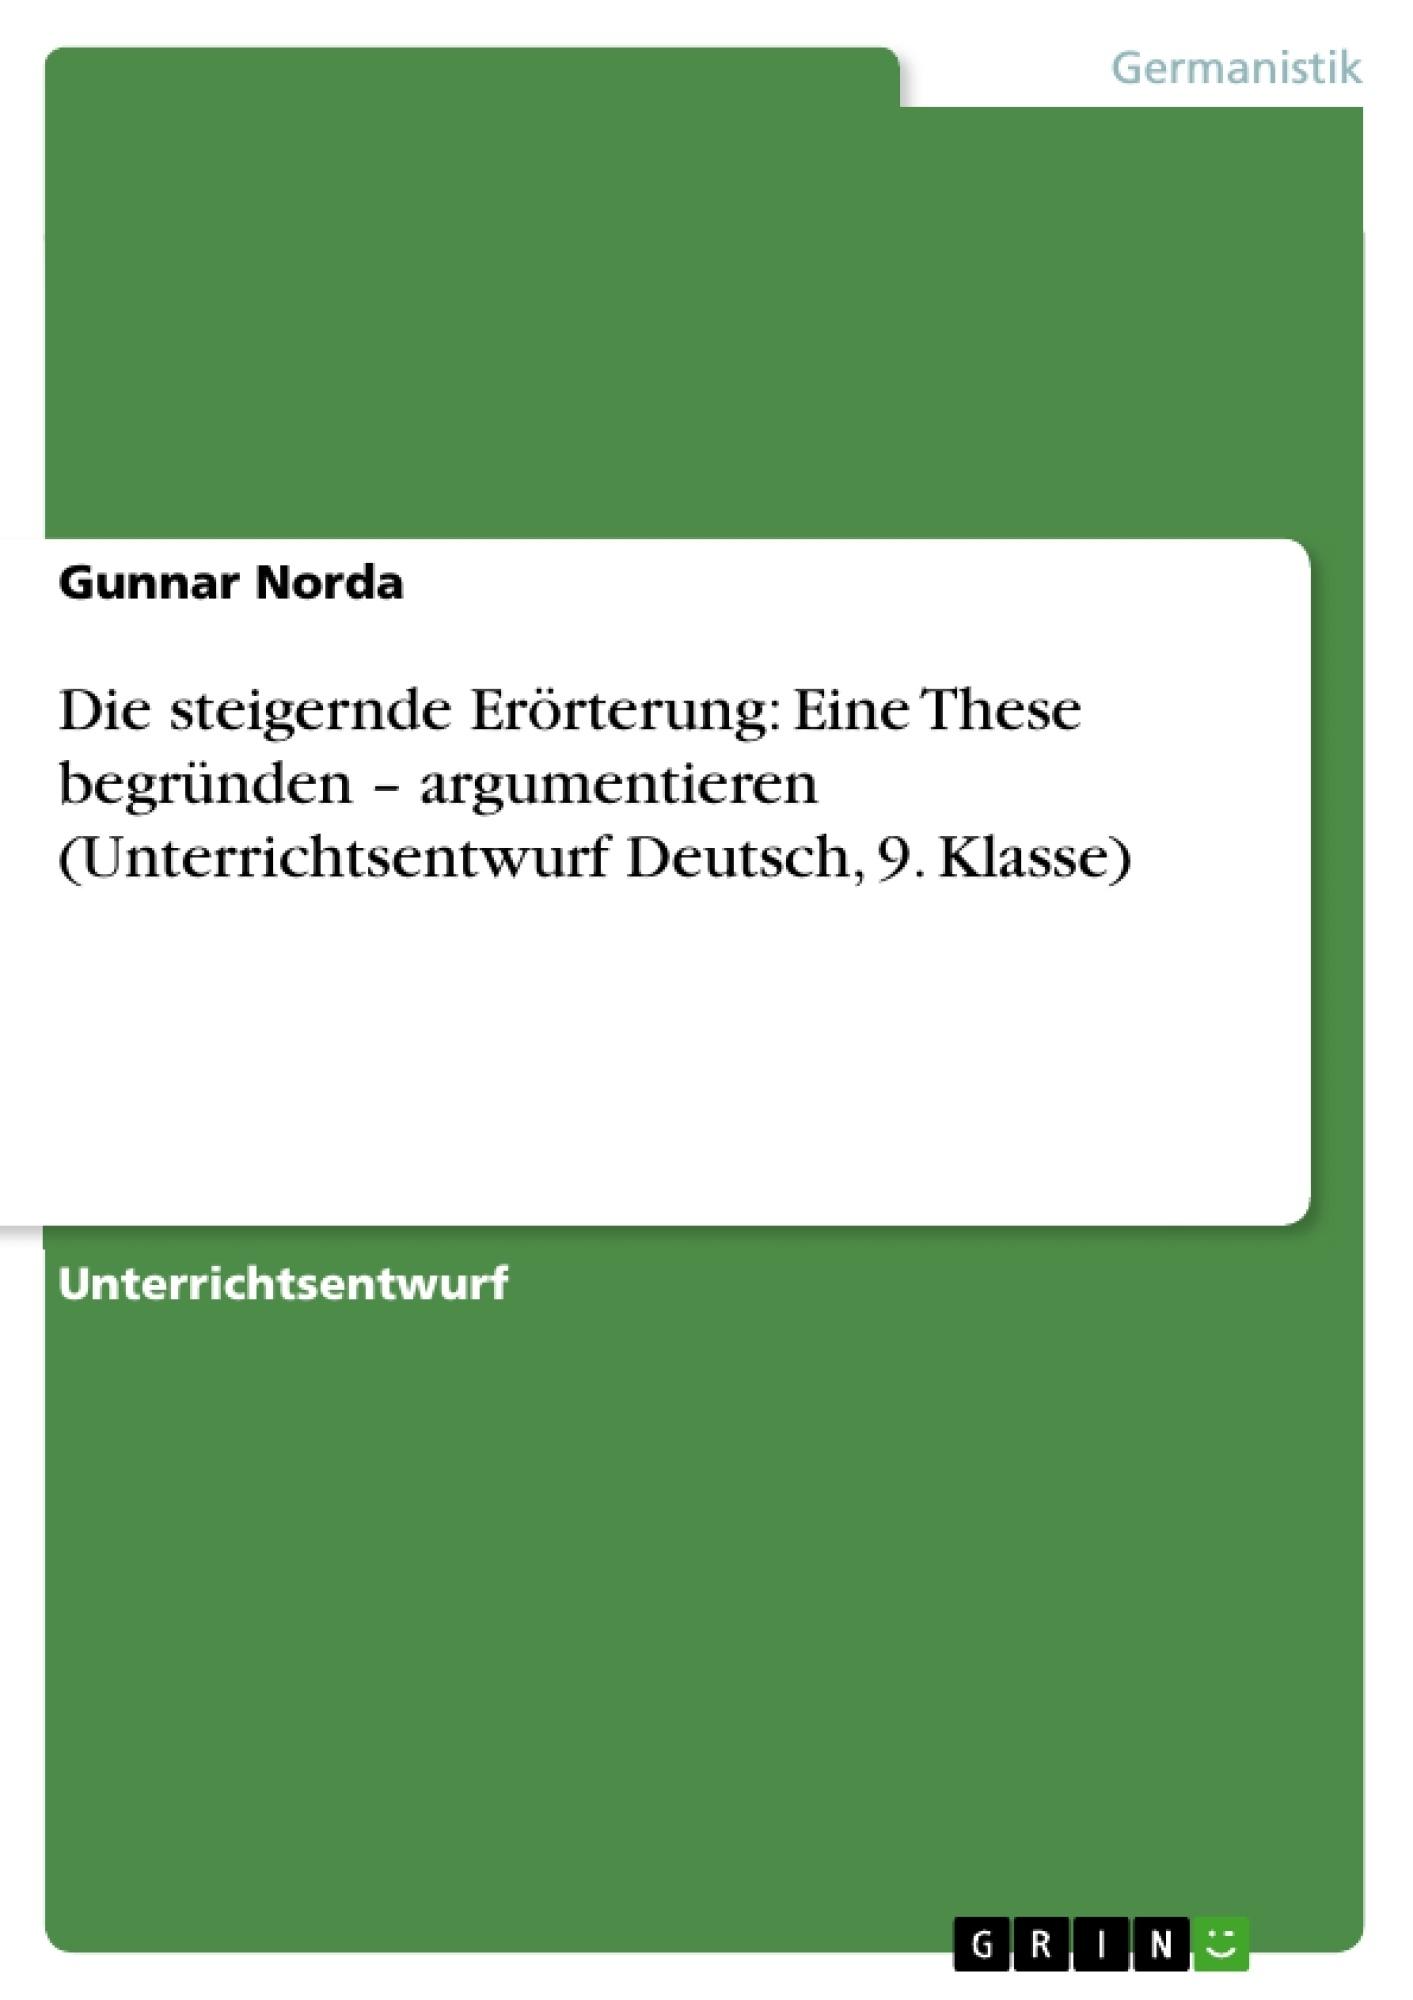 Titel: Die steigernde Erörterung: Eine These begründen – argumentieren (Unterrichtsentwurf Deutsch, 9. Klasse)